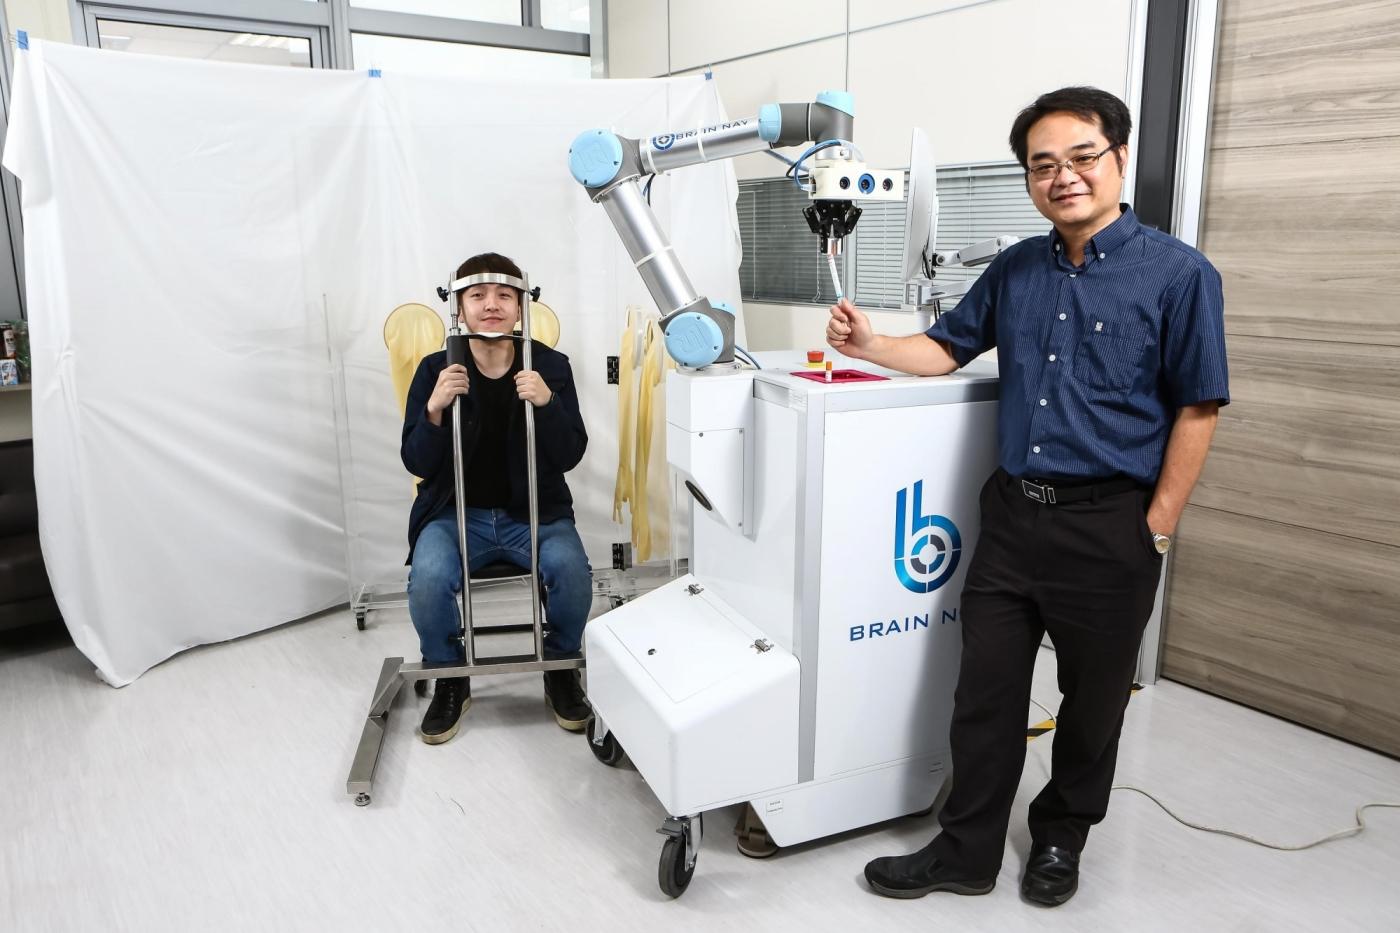 風險更低、效率比人工高10倍!台灣醫師創業家推全球第一台自動鼻咽採檢機器人